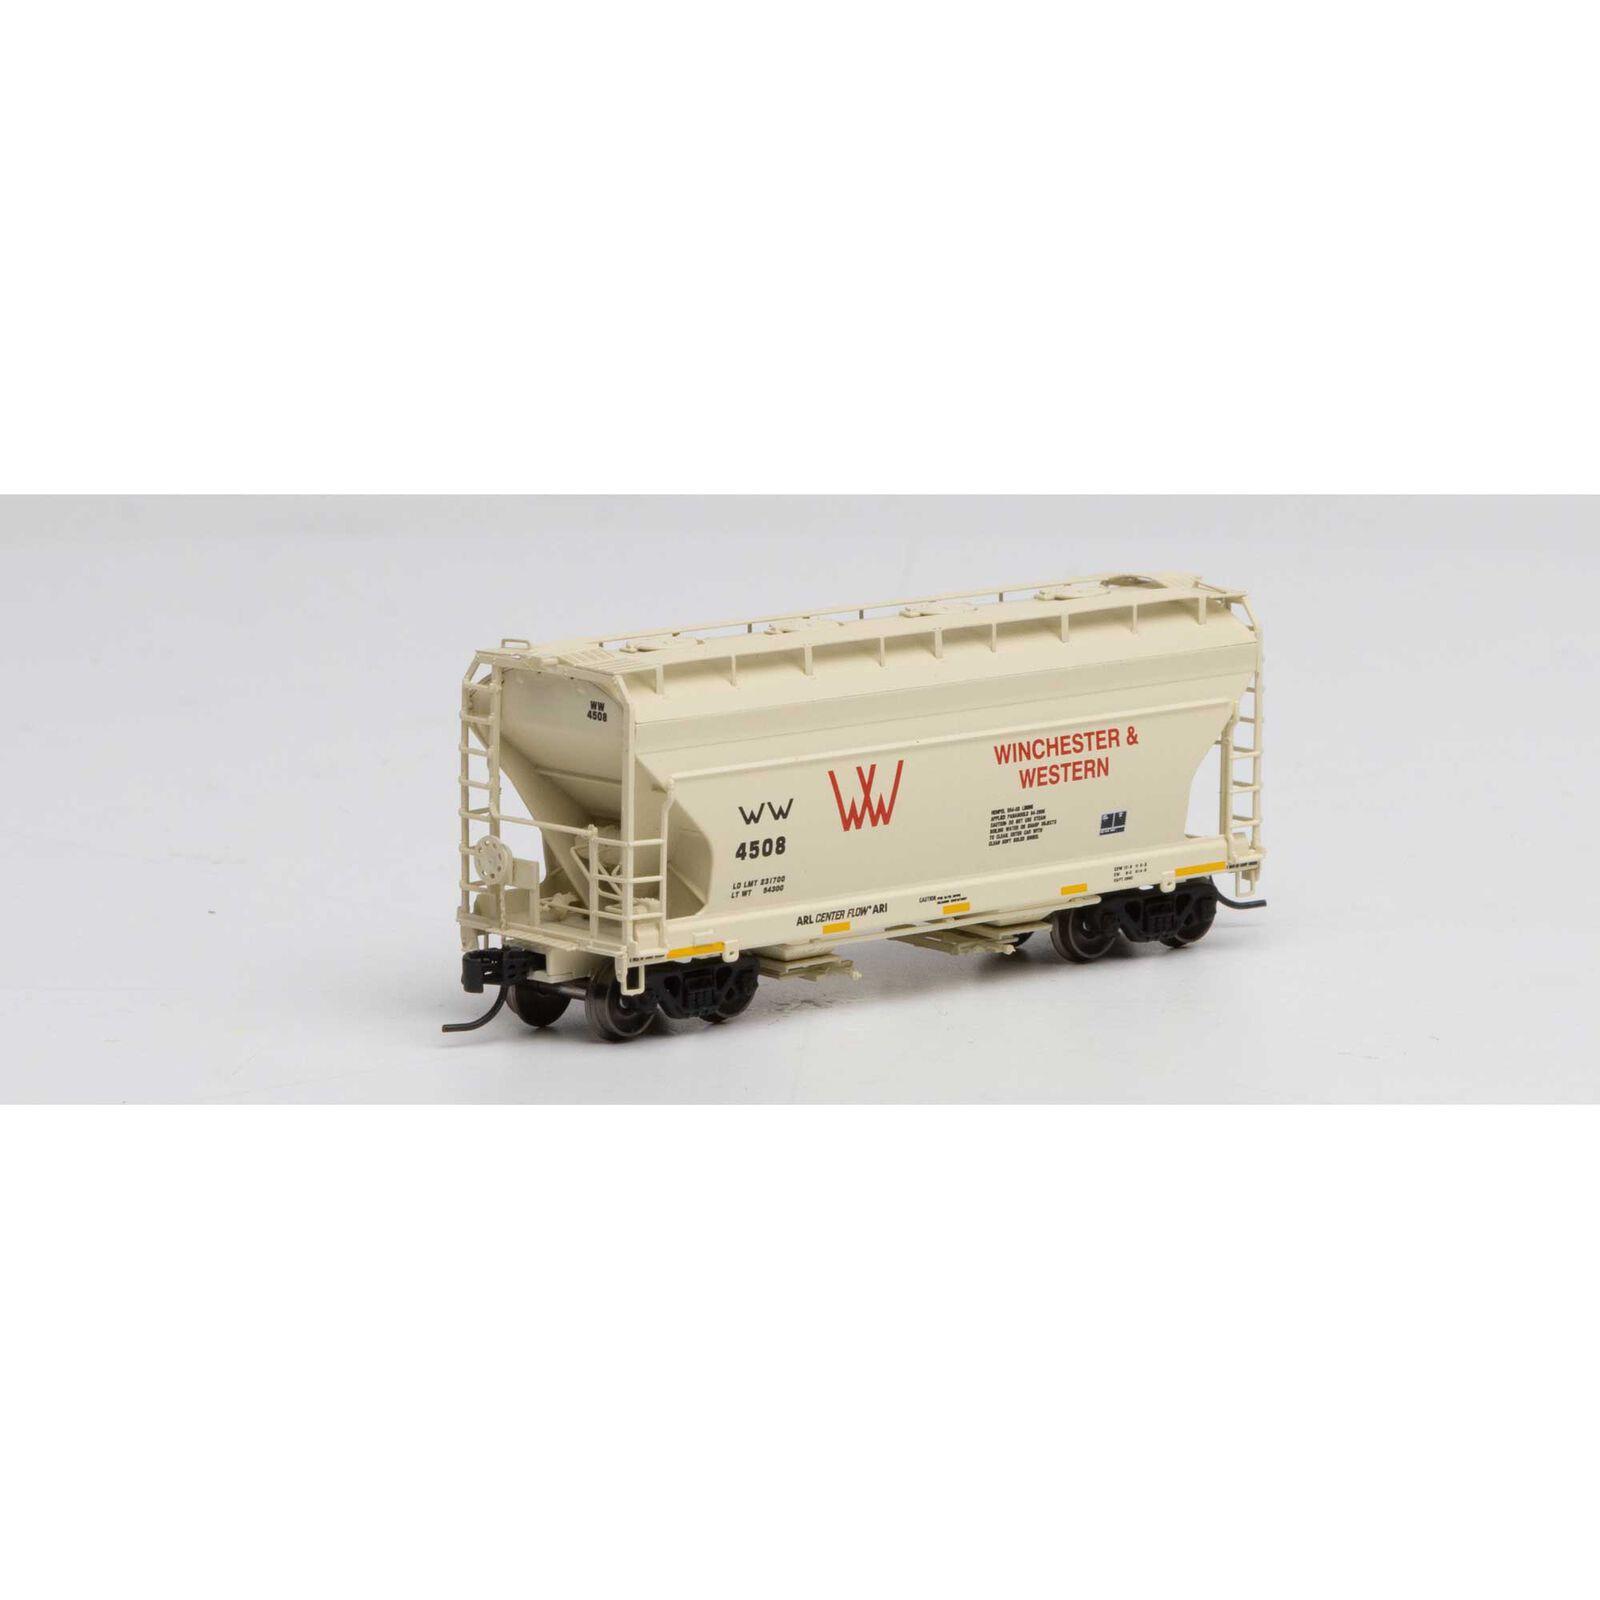 N ACF 2970 Covered Hopper, W&W #4508